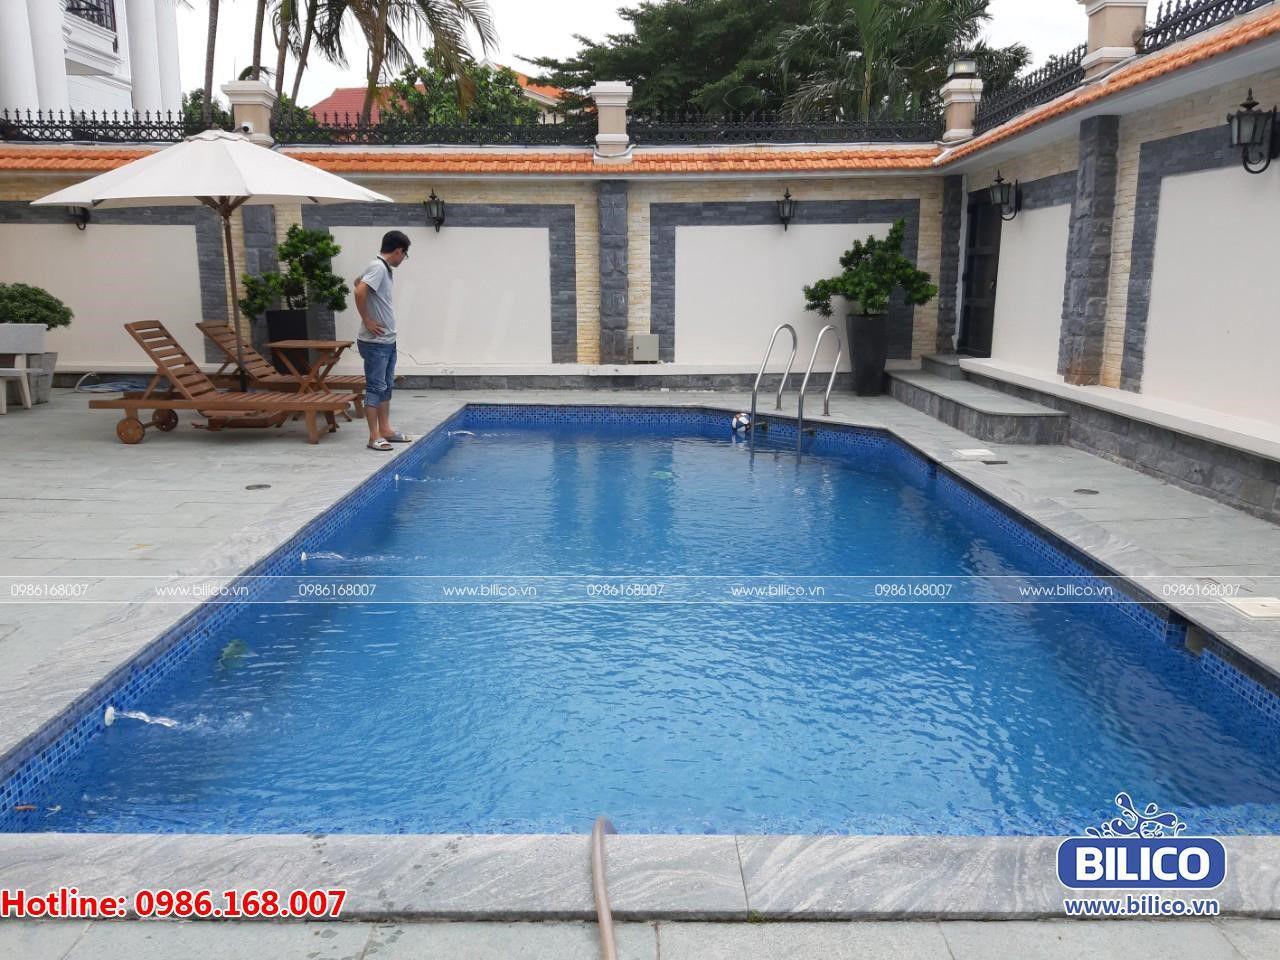 Bilico bàn giao bể bơi gia đình cho anh Giang